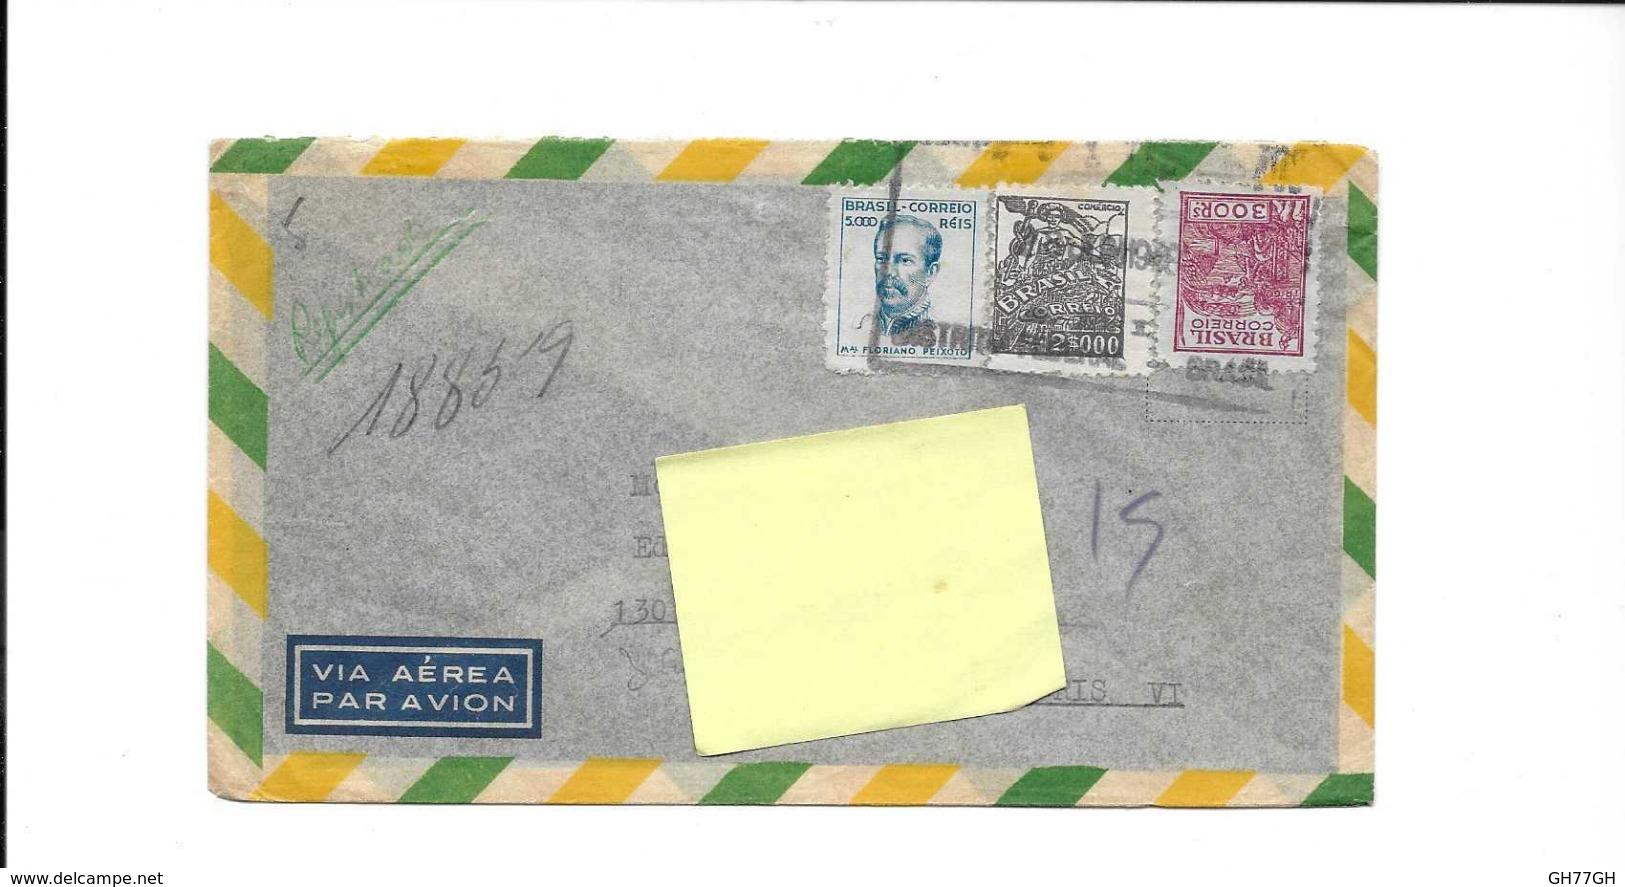 3 Timbres Brésil Sur Enveloppe Obl. 1948 - Brazil